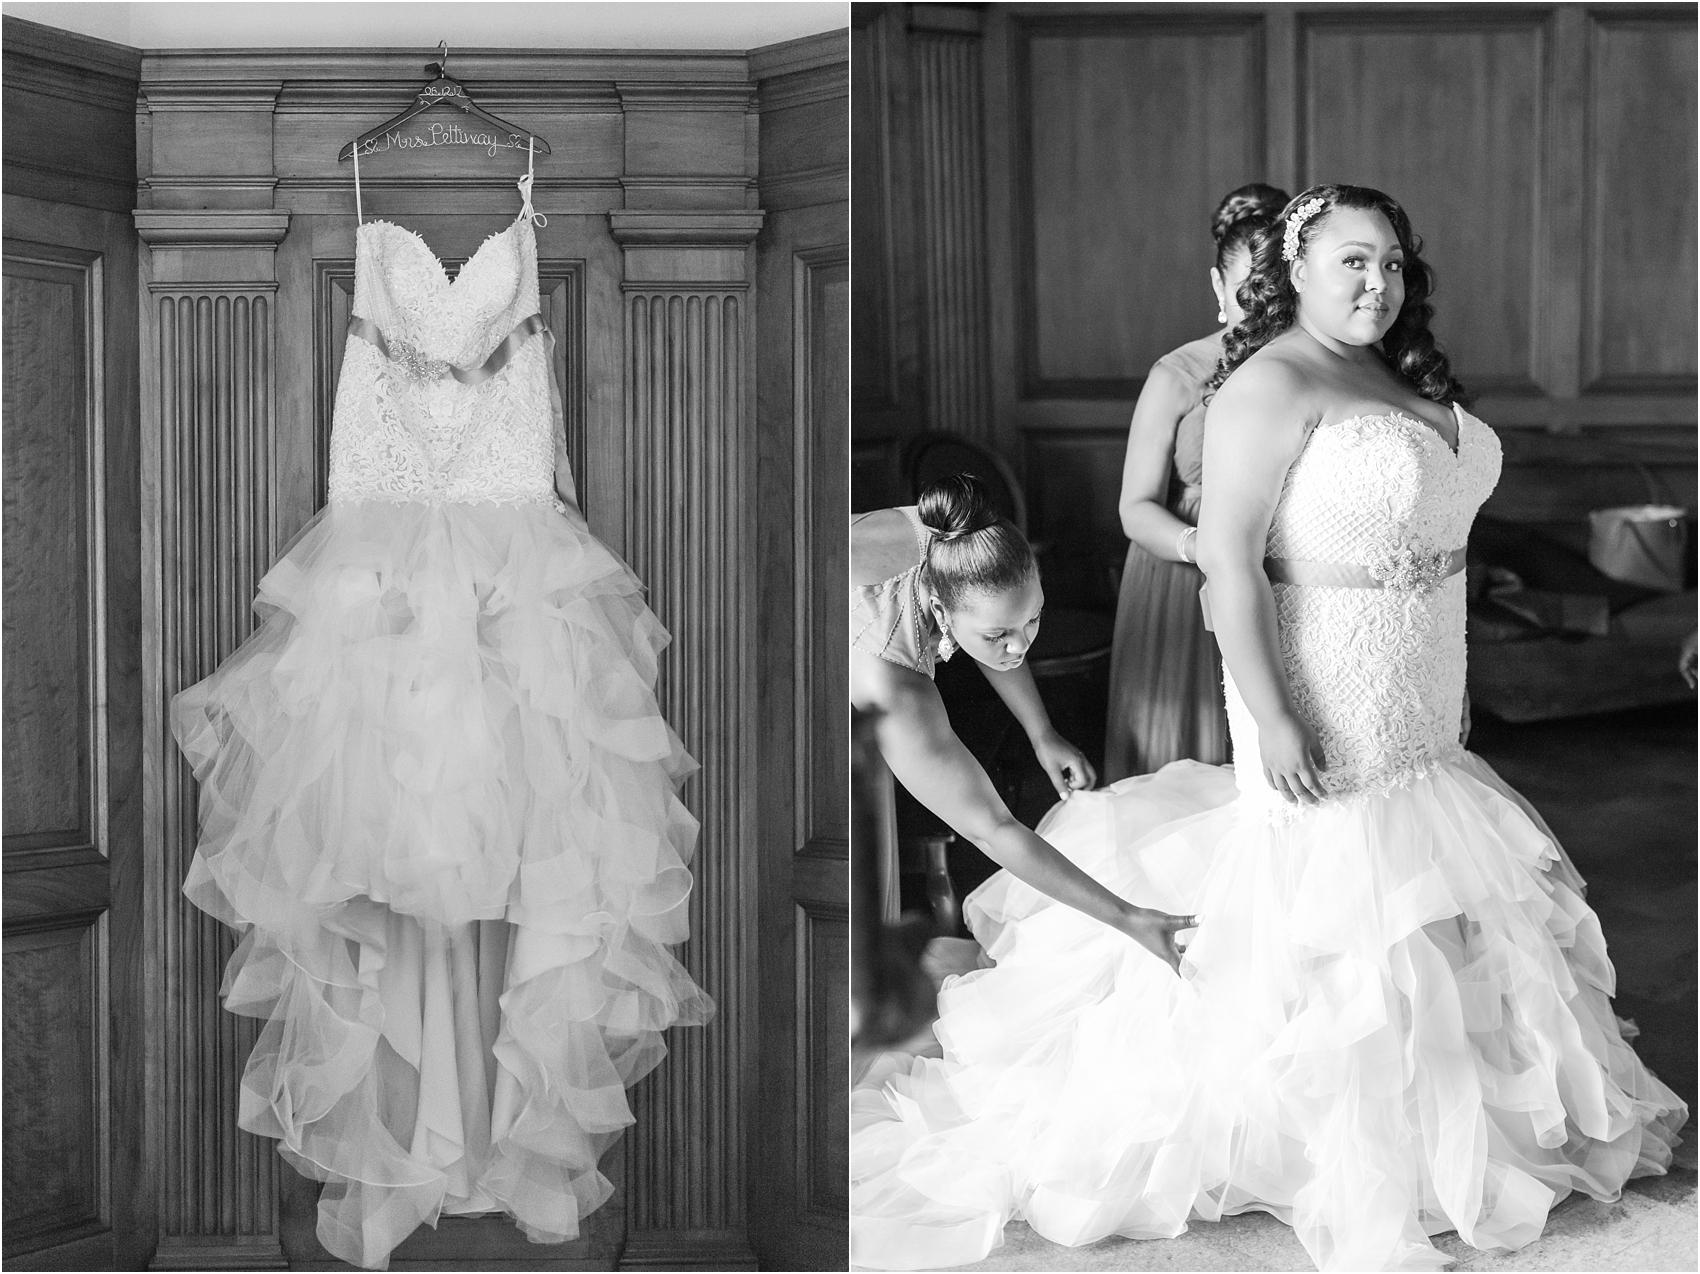 minimalist-and-modern-wedding-photos-at-30-north-saginaw-in-pontiac-michigan-by-courtney-carolyn-photography_0001.jpg